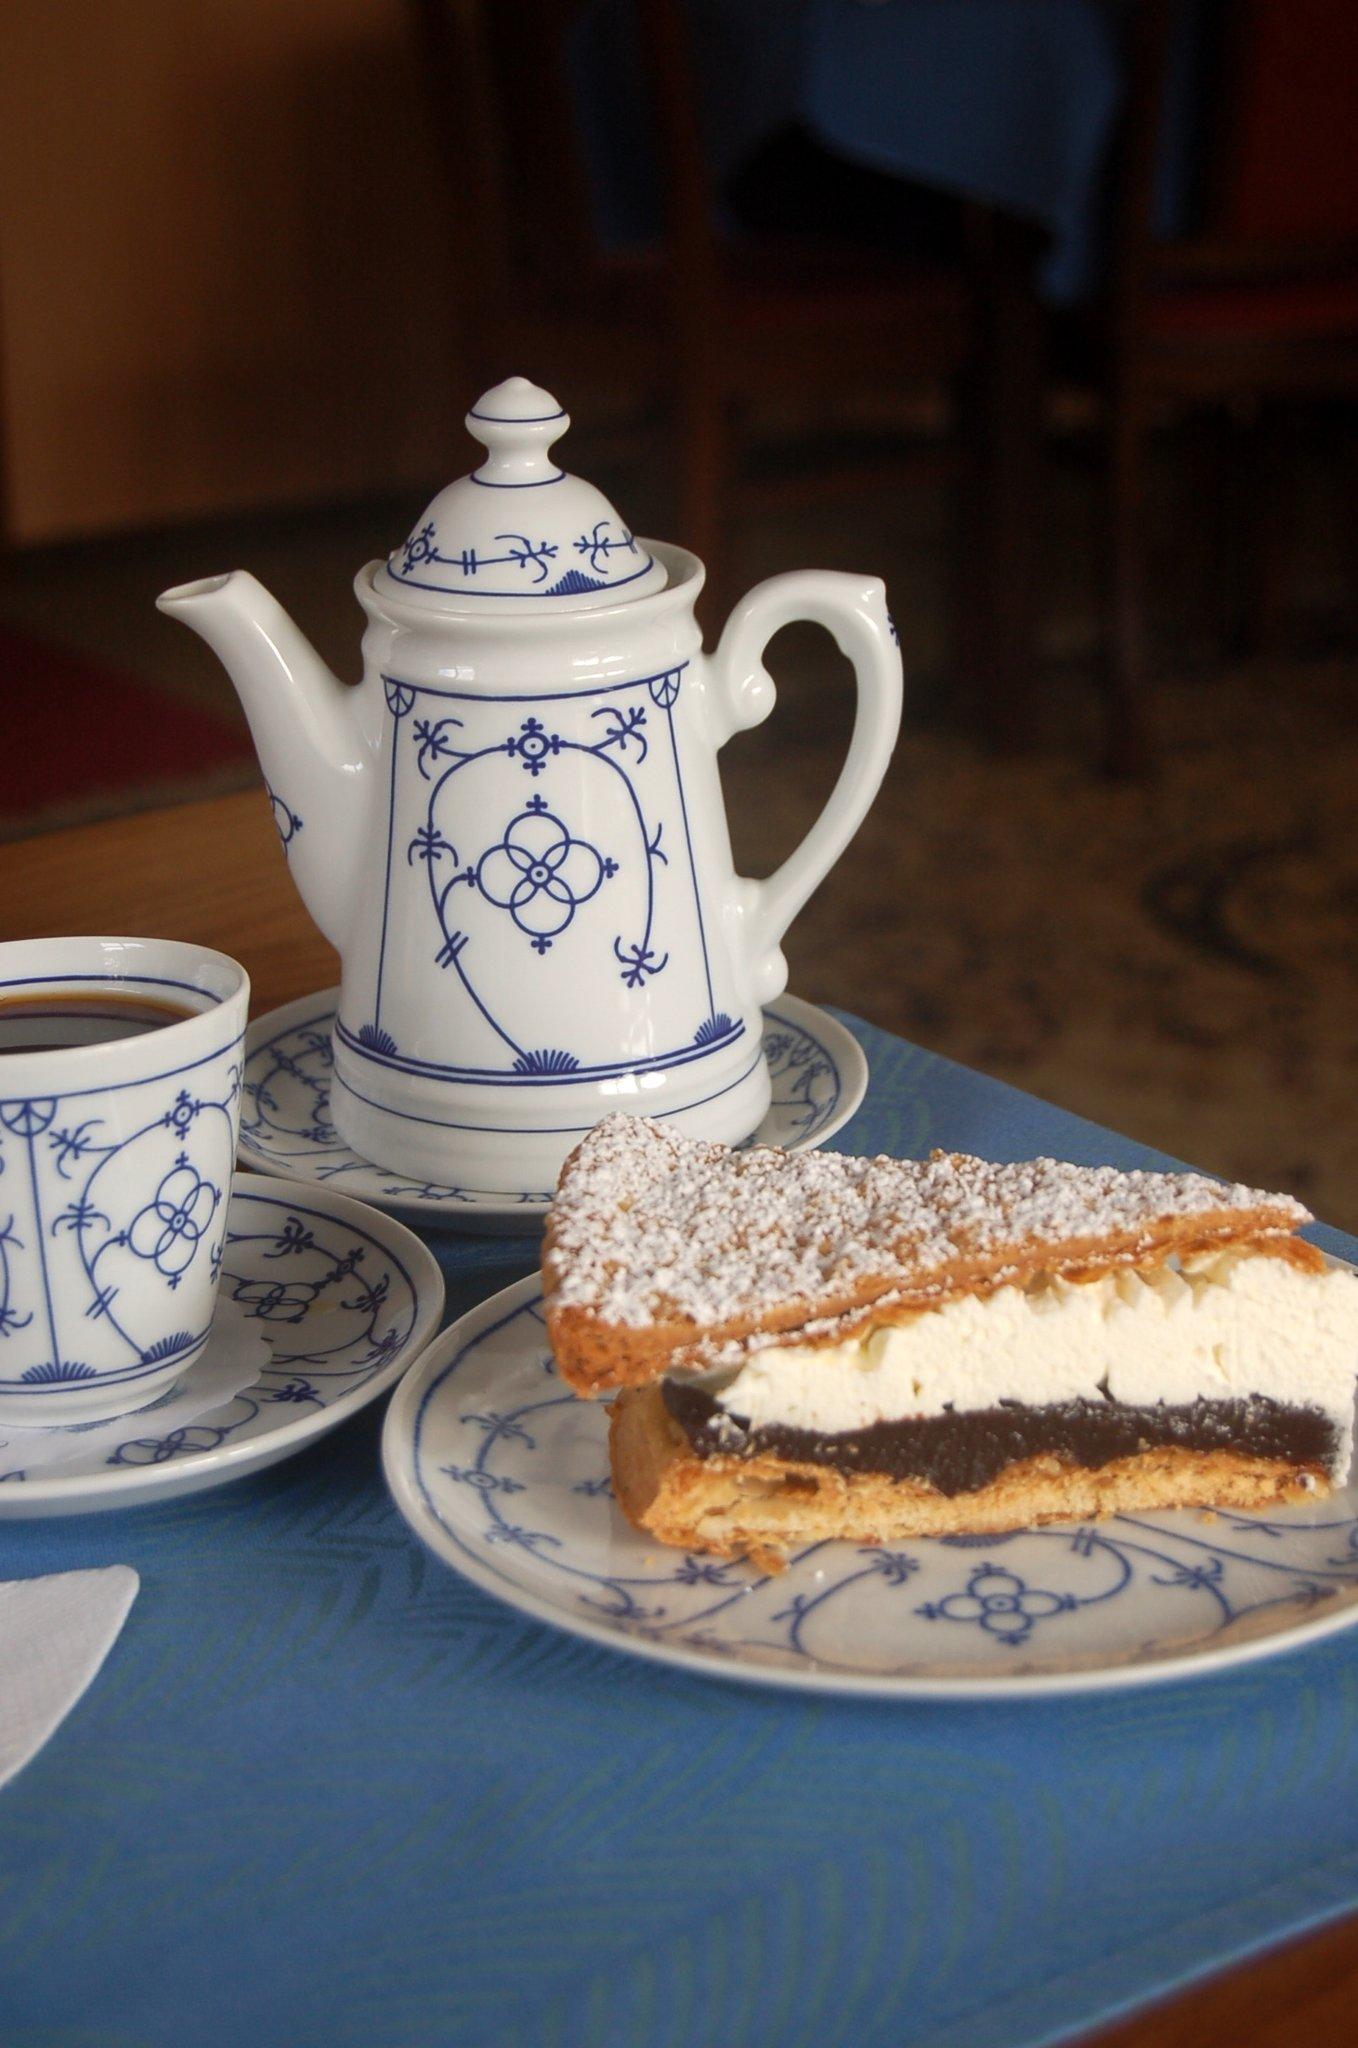 Lecker Kaffeetrinken Bei Den Nordfriesen Monheim Am Rhein